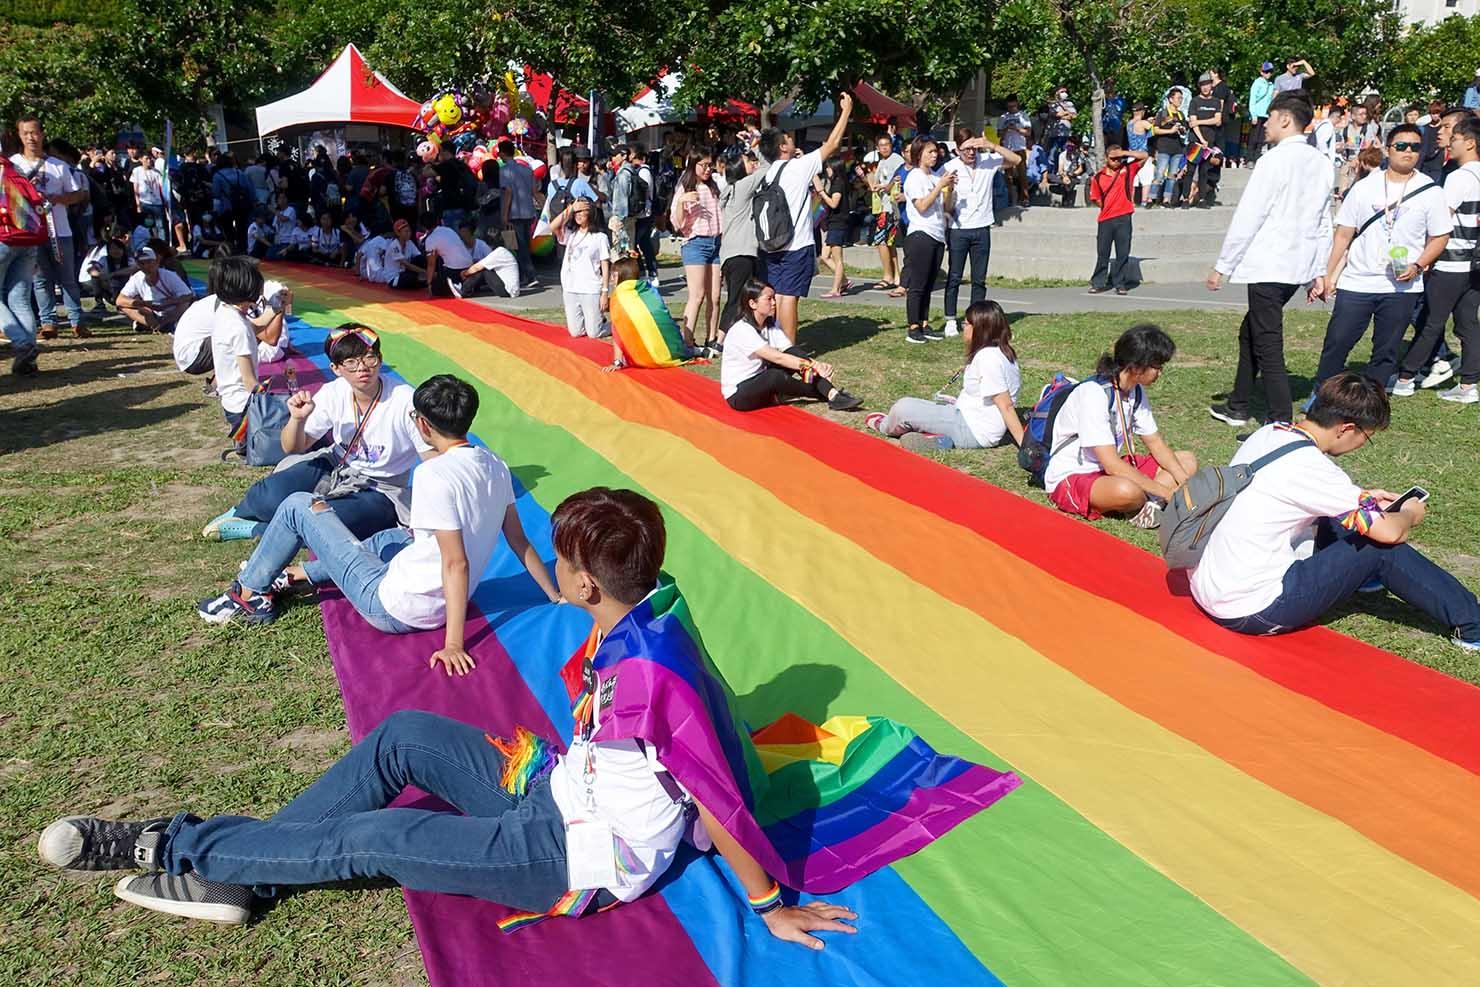 台中同志遊行(台中LGBTプライド)2017会場に待機する巨大レインボーフラッグ